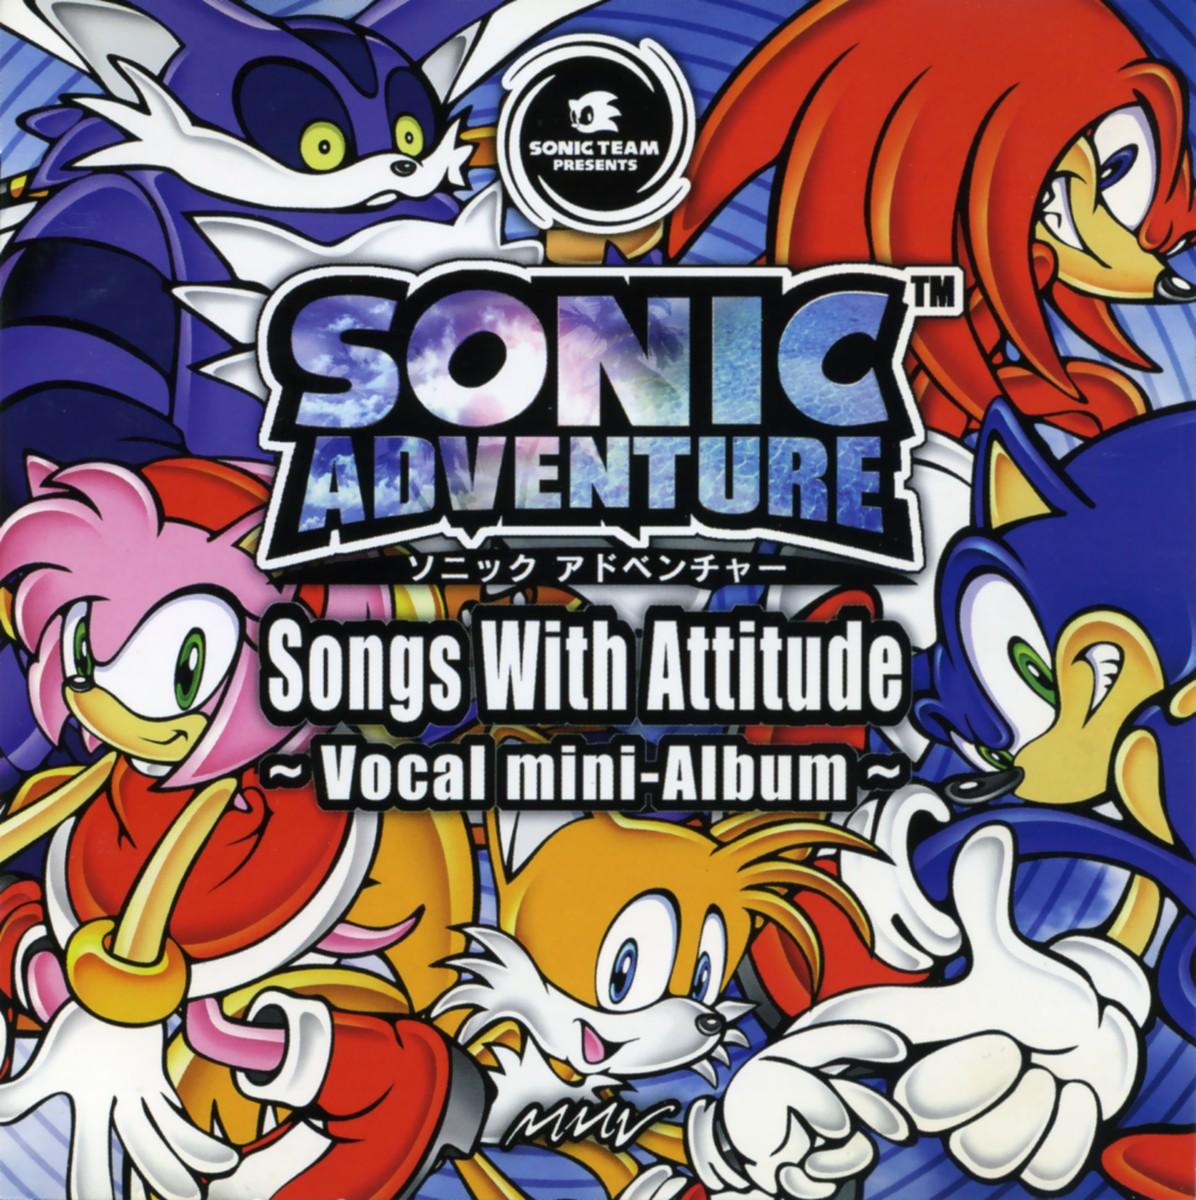 Sonic Adventure: Songs With Attitude Vocal Mini-Album